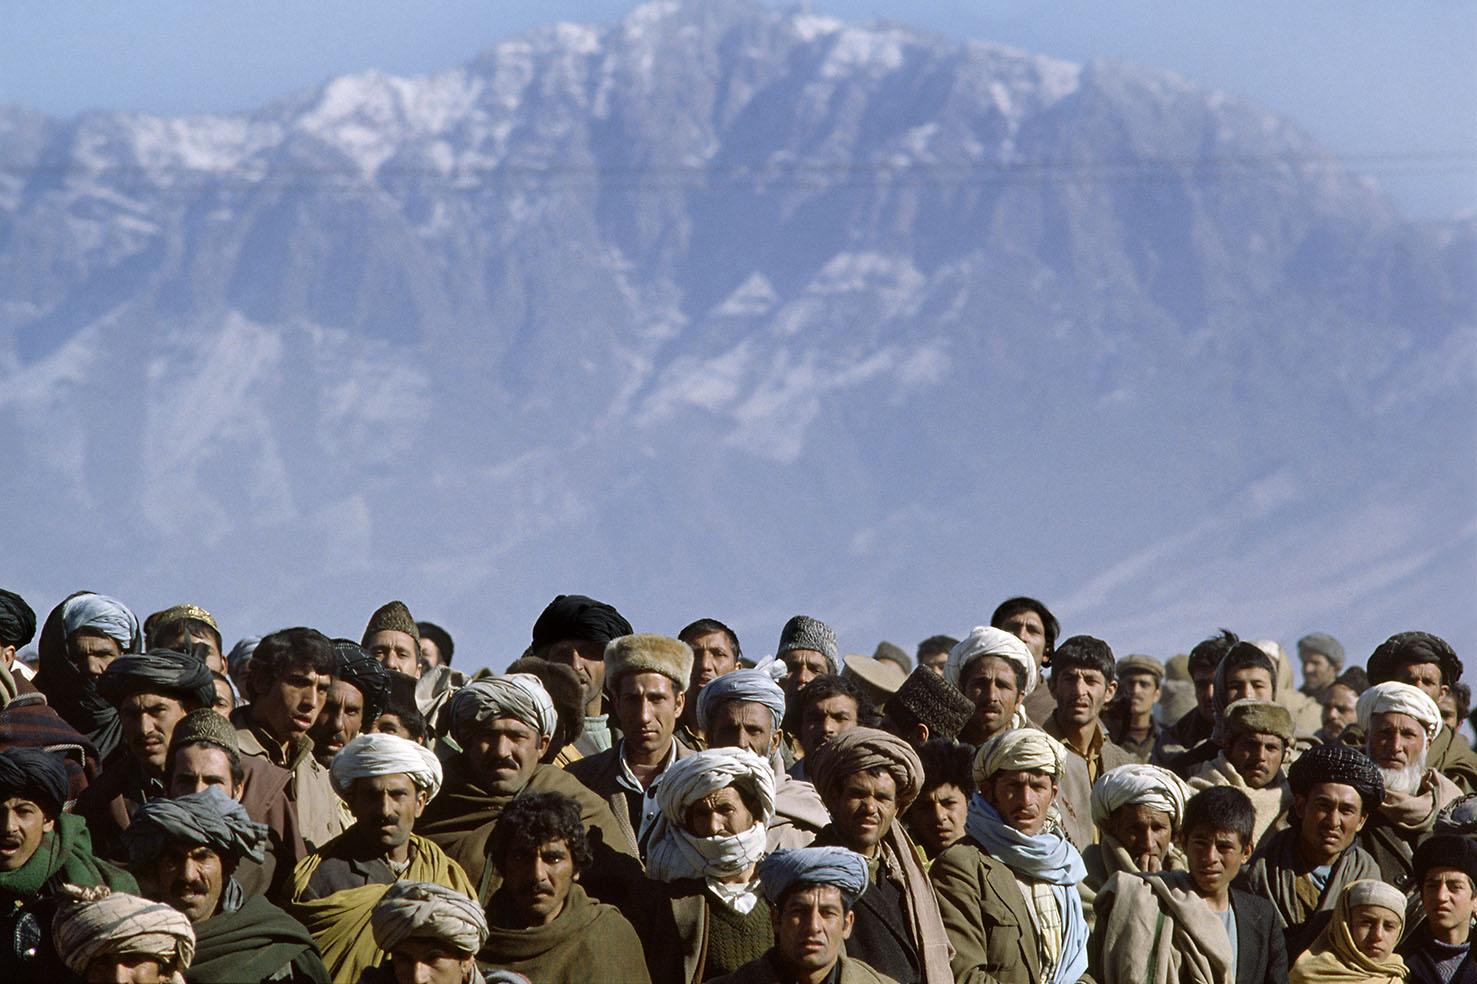 Mauro Galligani - Kabul, Afghanistan, 1979. Davanti al carcere di Pule Charkhi, i parenti dei detenuti politici sono in attesa della loro scarcerazione.